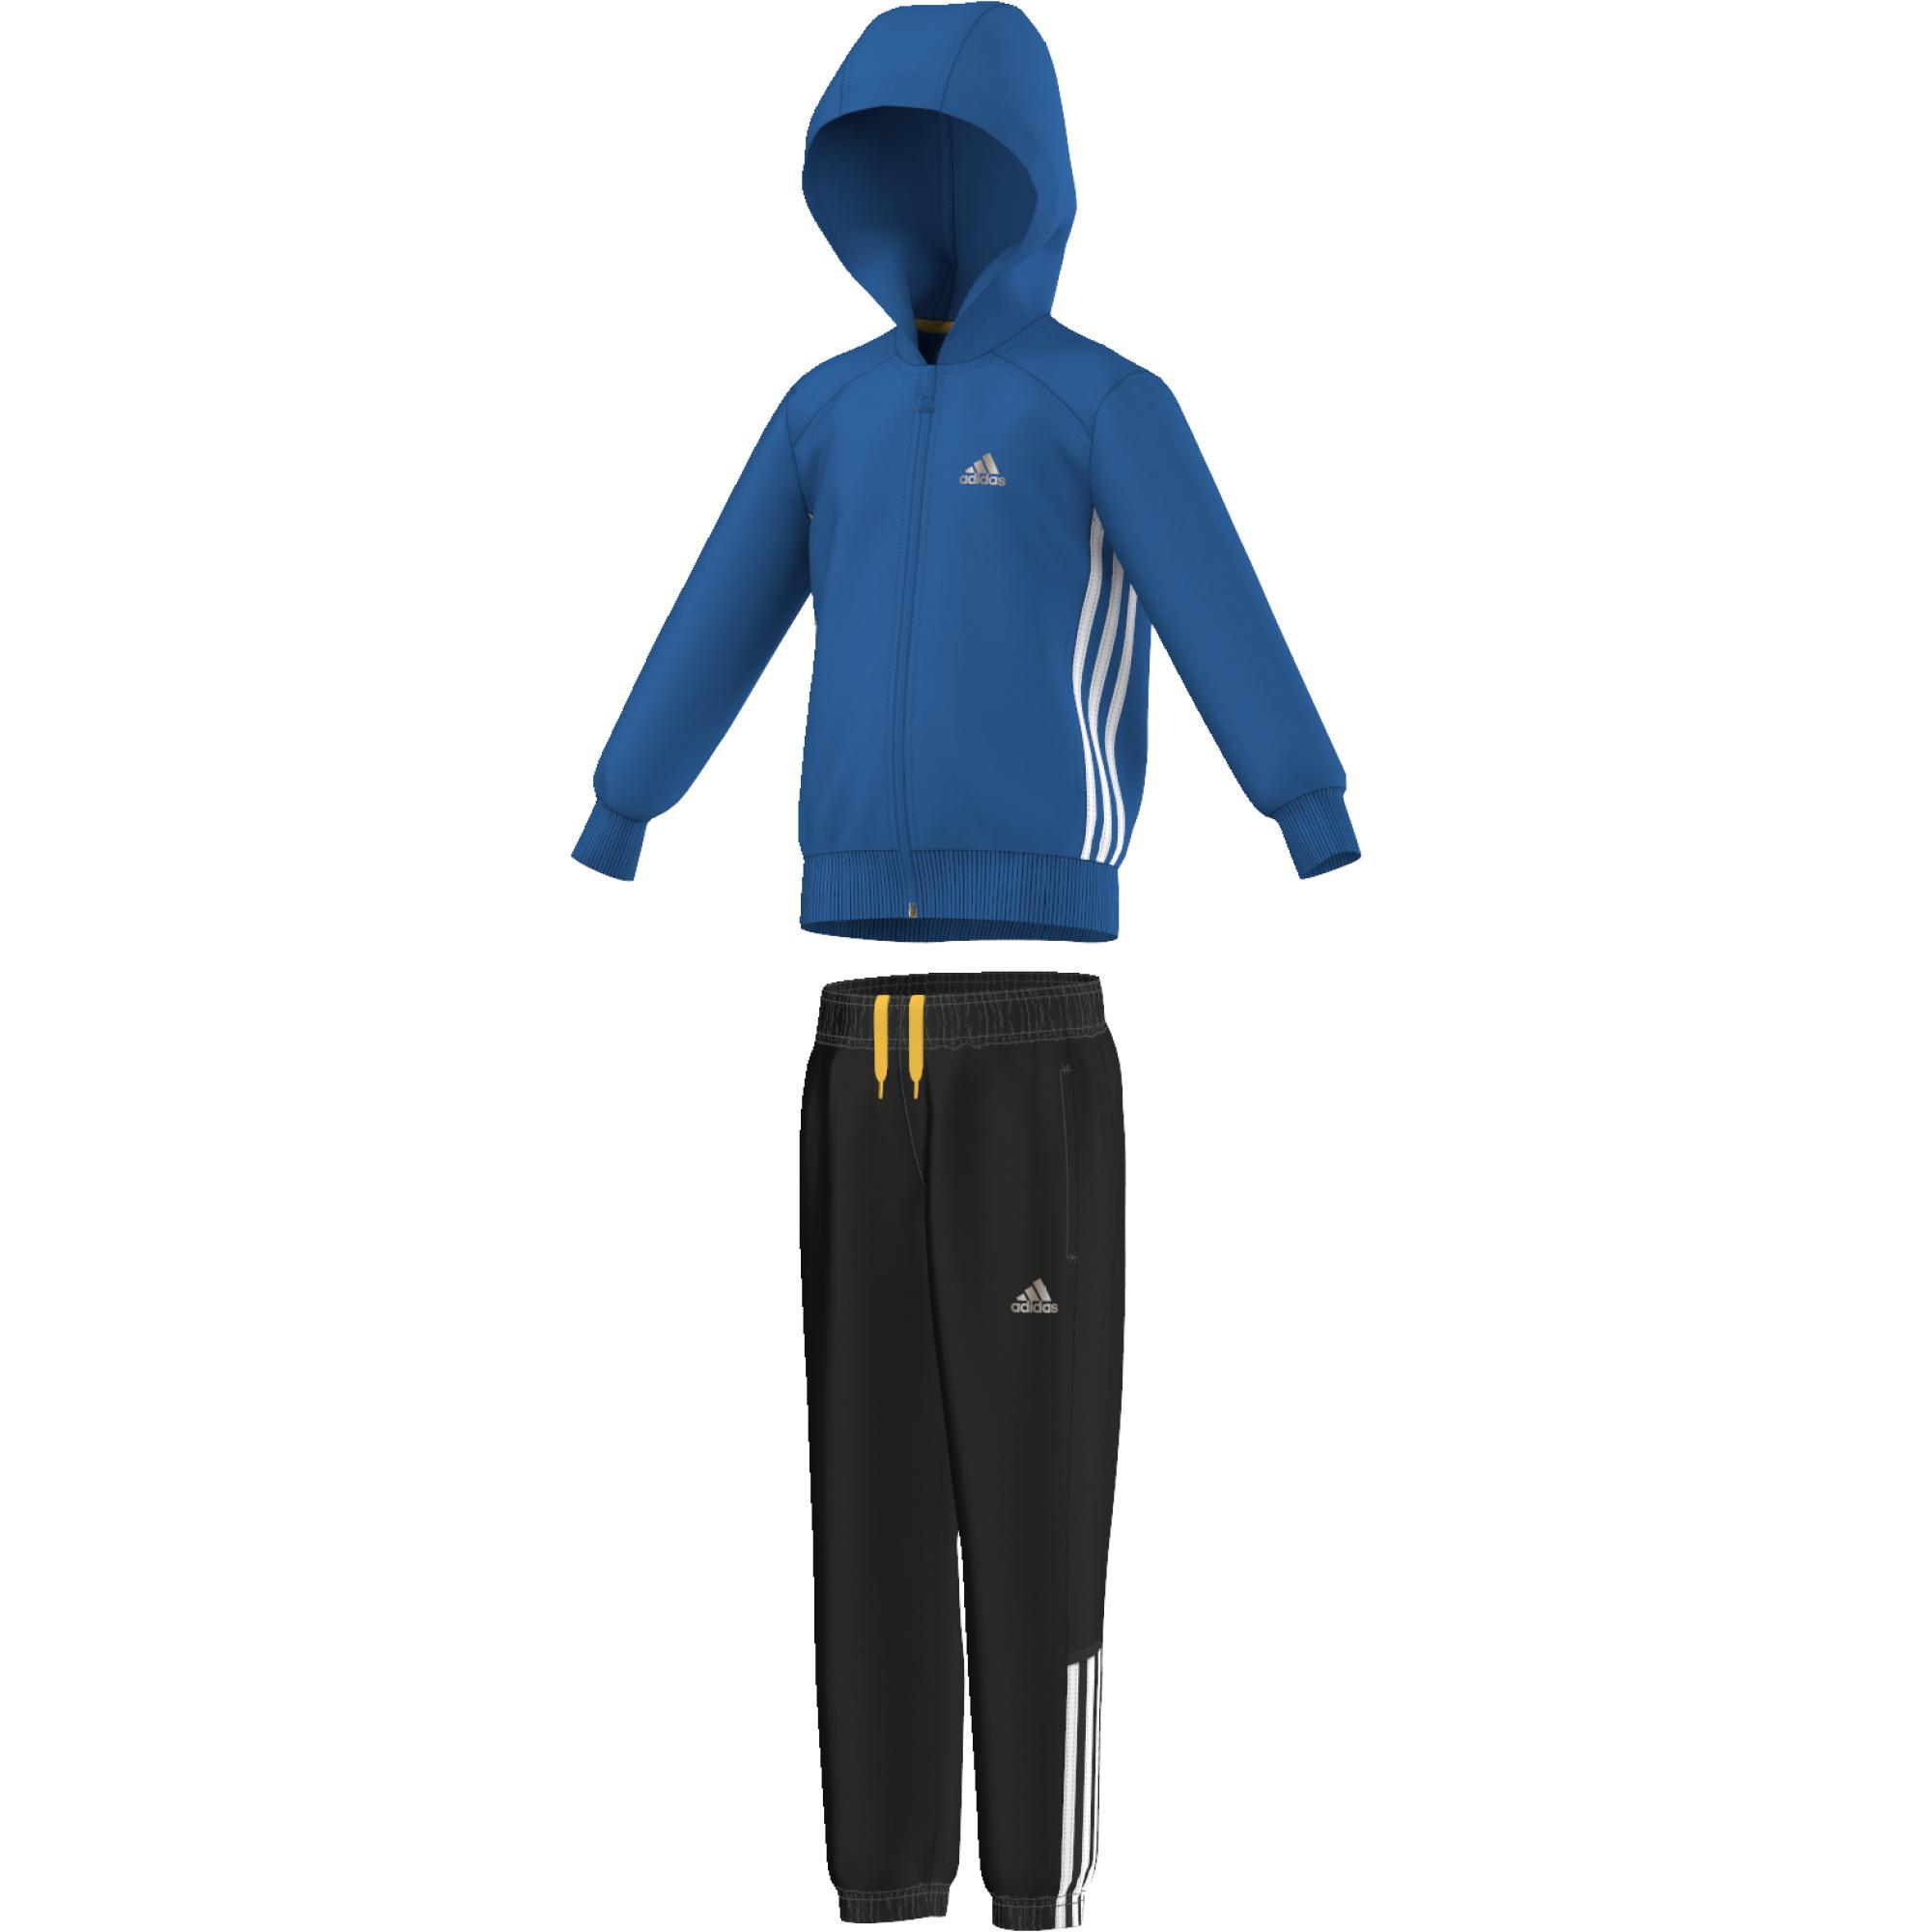 baa3c1b7e Adidas Chlapčenská tepláková súprava - modro-čierna, 104 cm ...